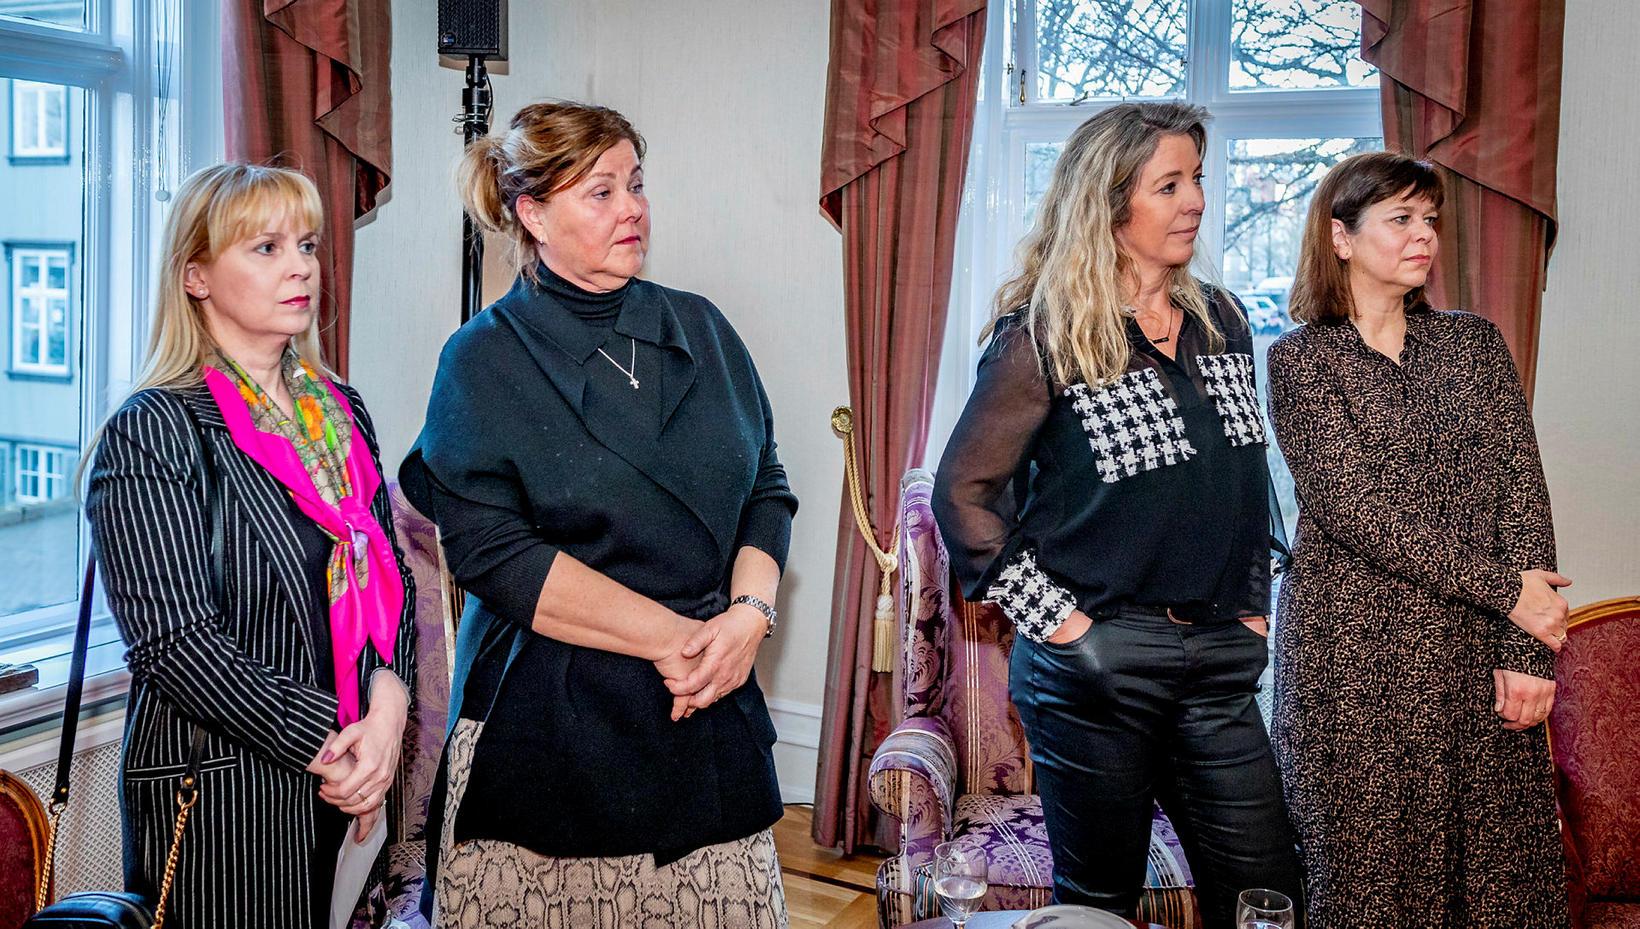 Margrét Kristín Sigurðardóttir, Hanna Lára Helgadóttir, Elísabet Sveinsdóttir og Helga …